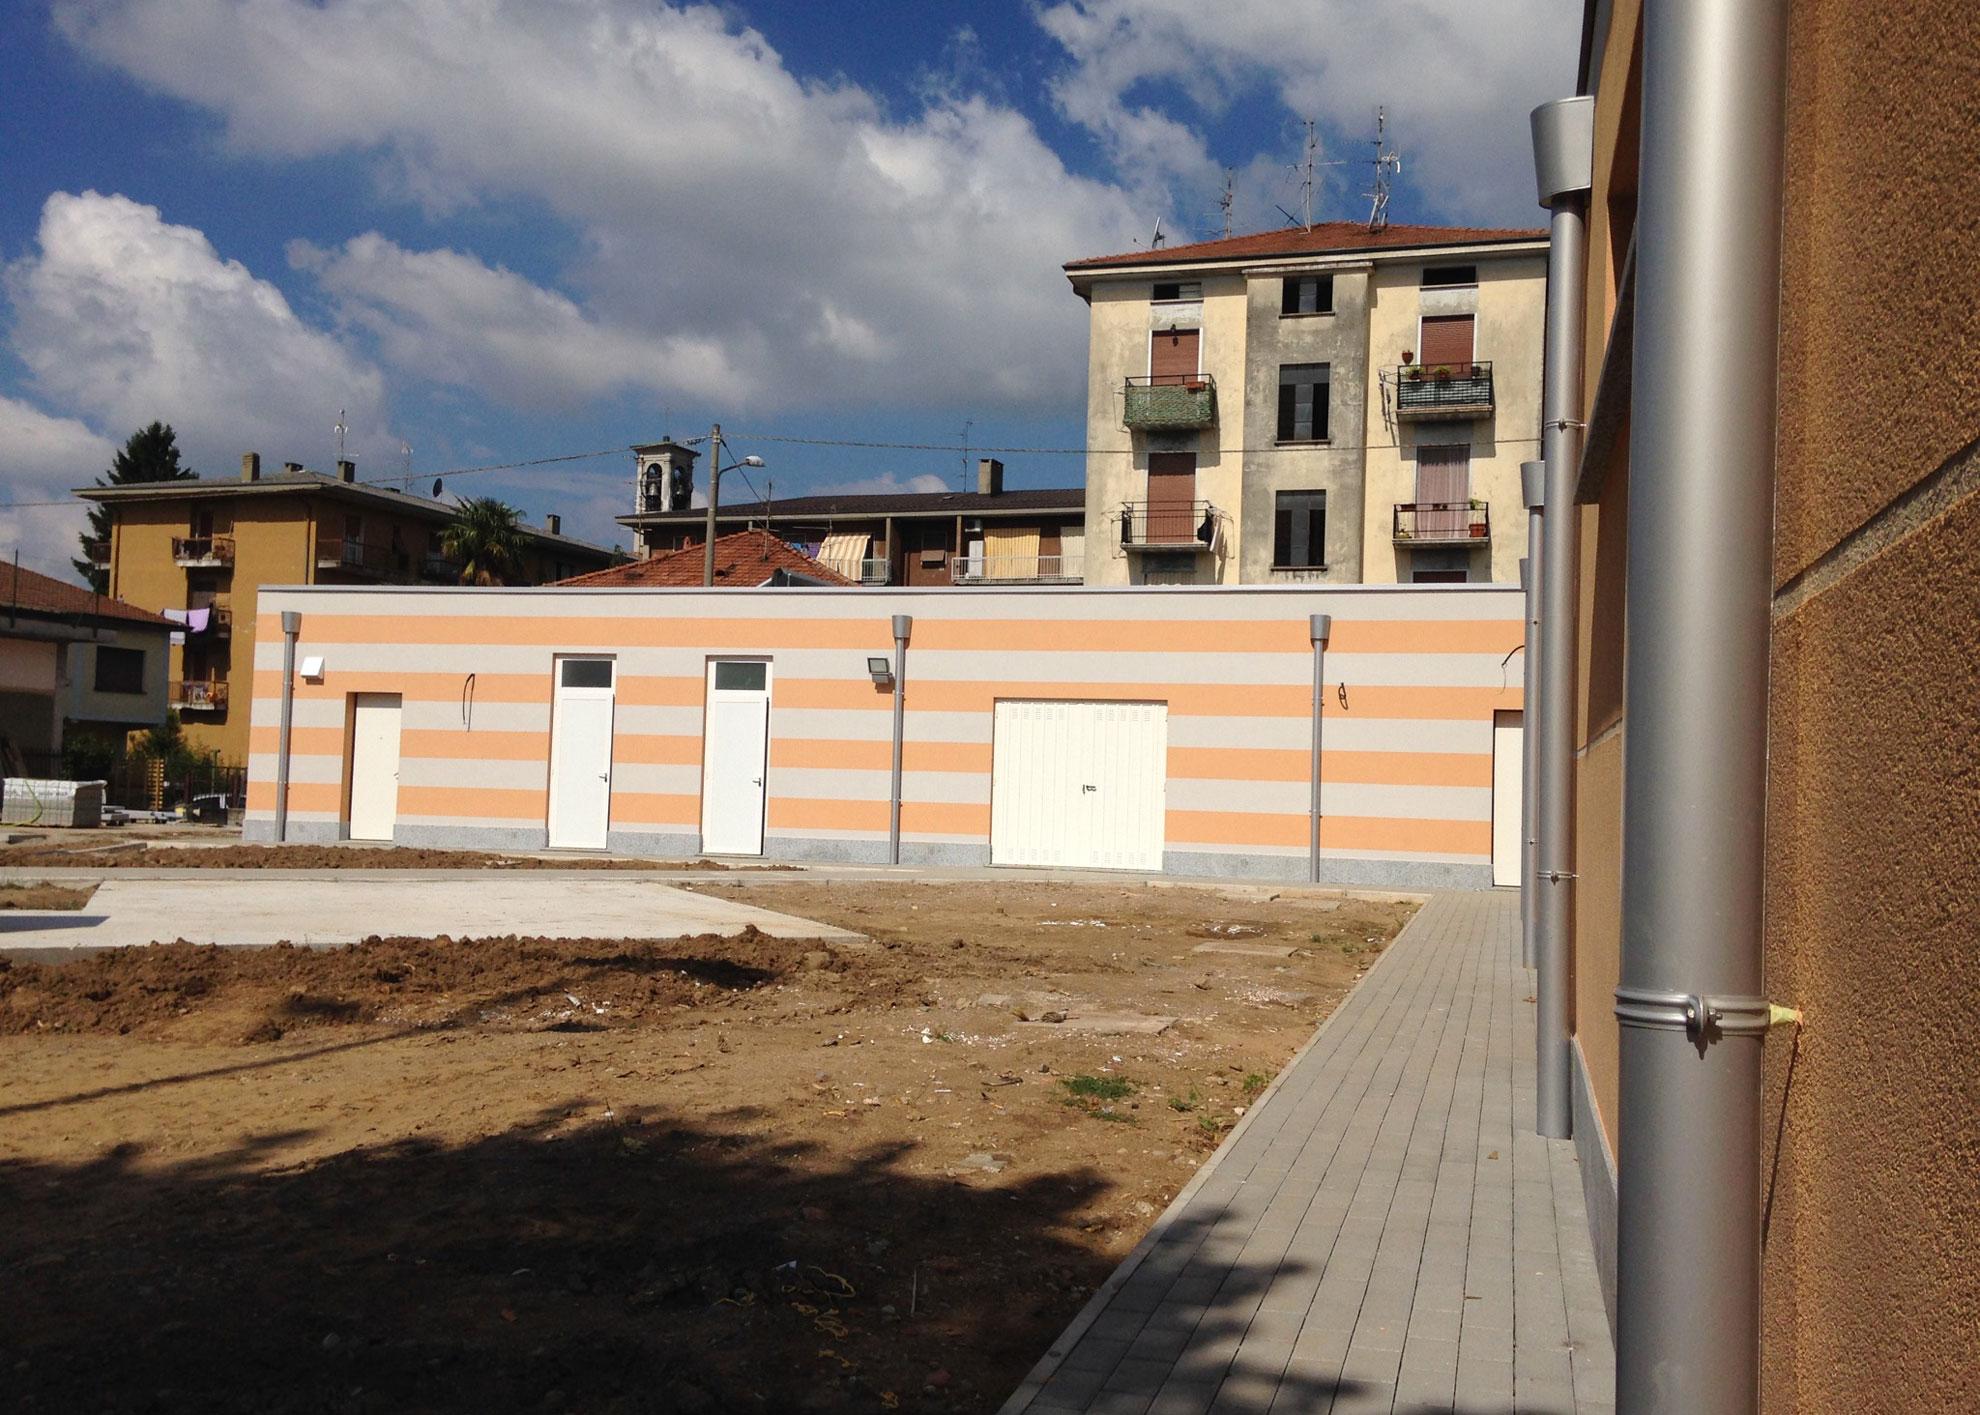 Ampliamento Oratorio Solbiate Arno